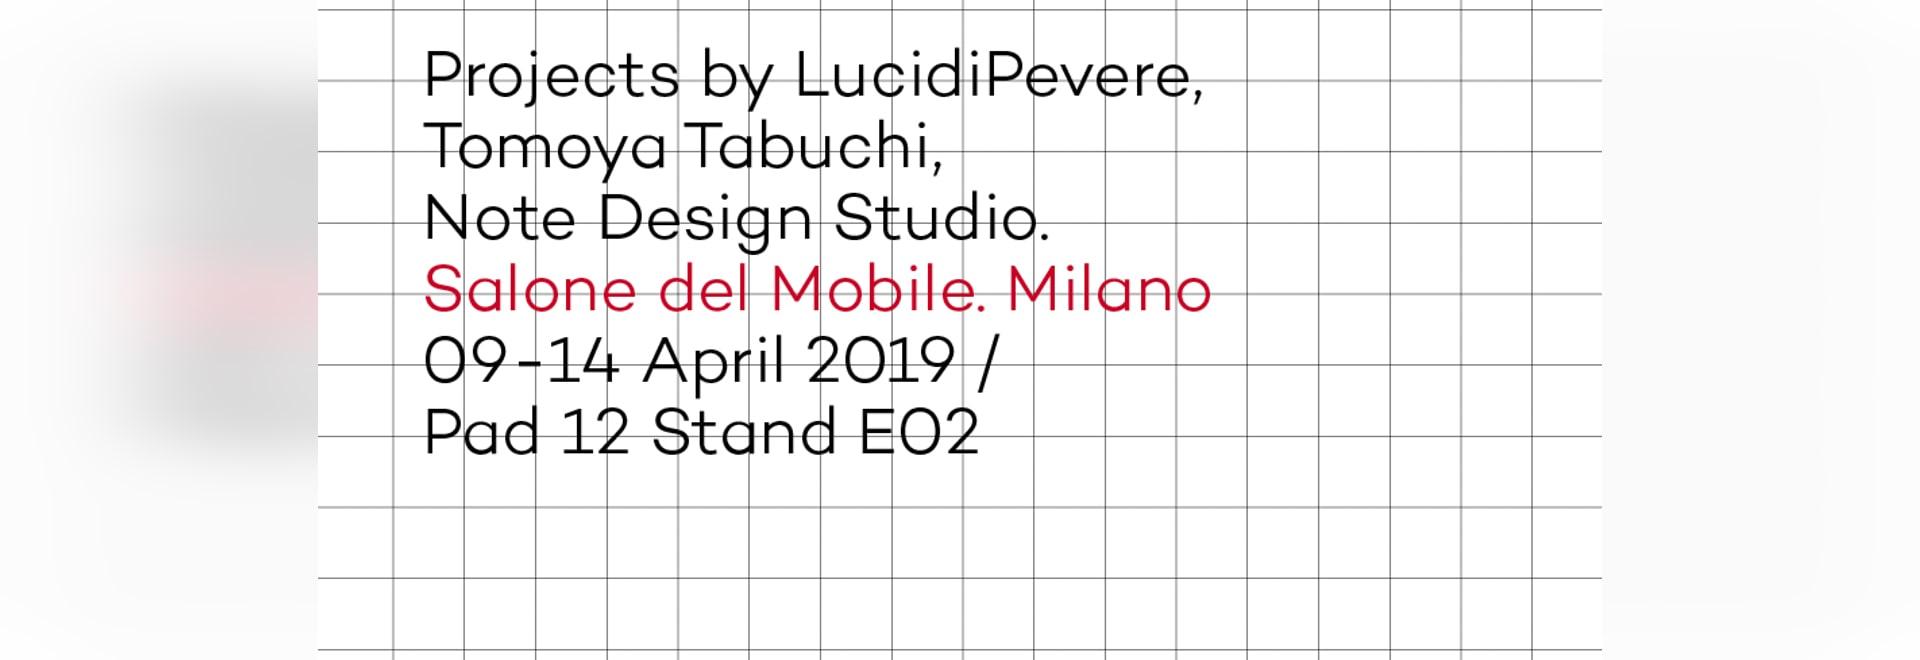 Veranstaltung im Salone del Mobile, Einladung